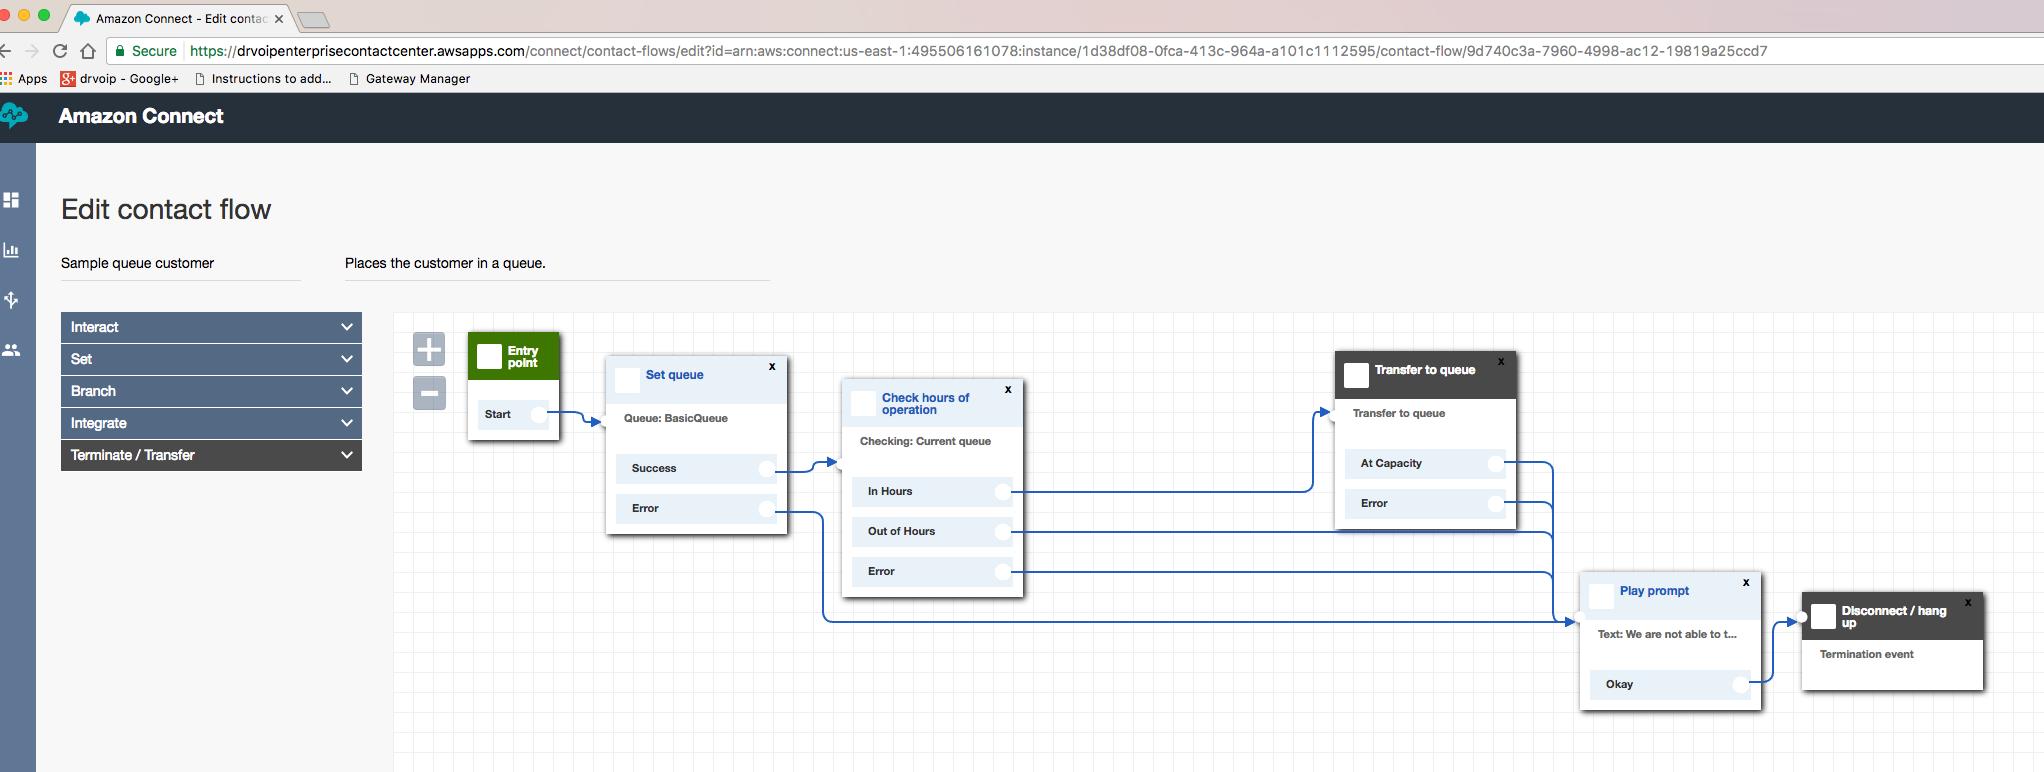 AWS_EditContactFlows AWS Call Center - Our First Impressions & Demo!